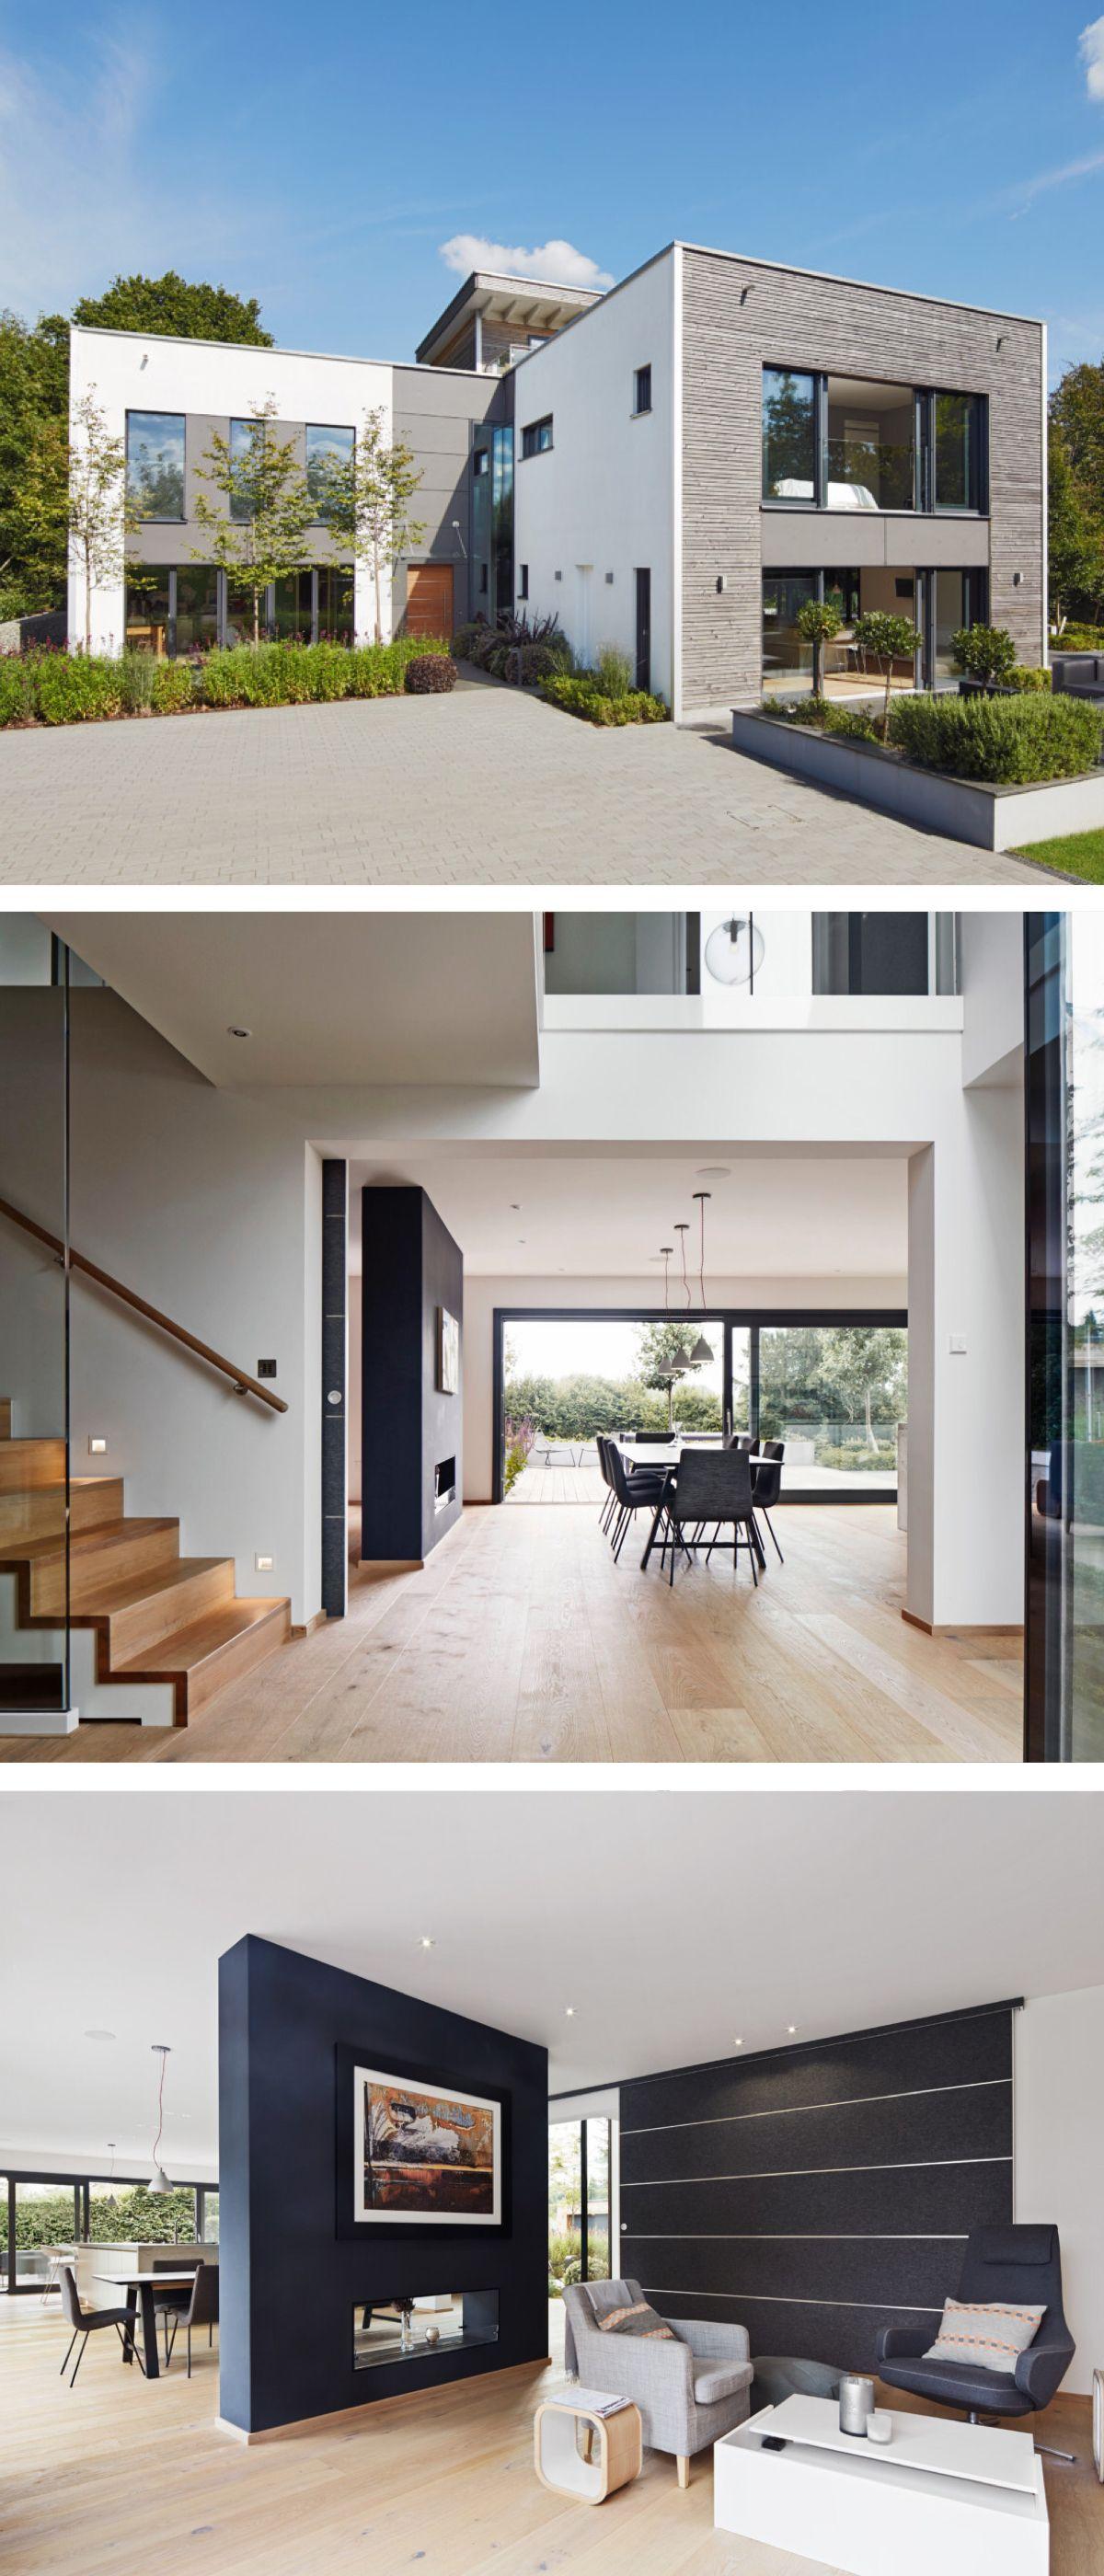 Faszinierend Haus Mit Flachdach Referenz Von Modernes Architektur & Galerie - Bauen Ideen